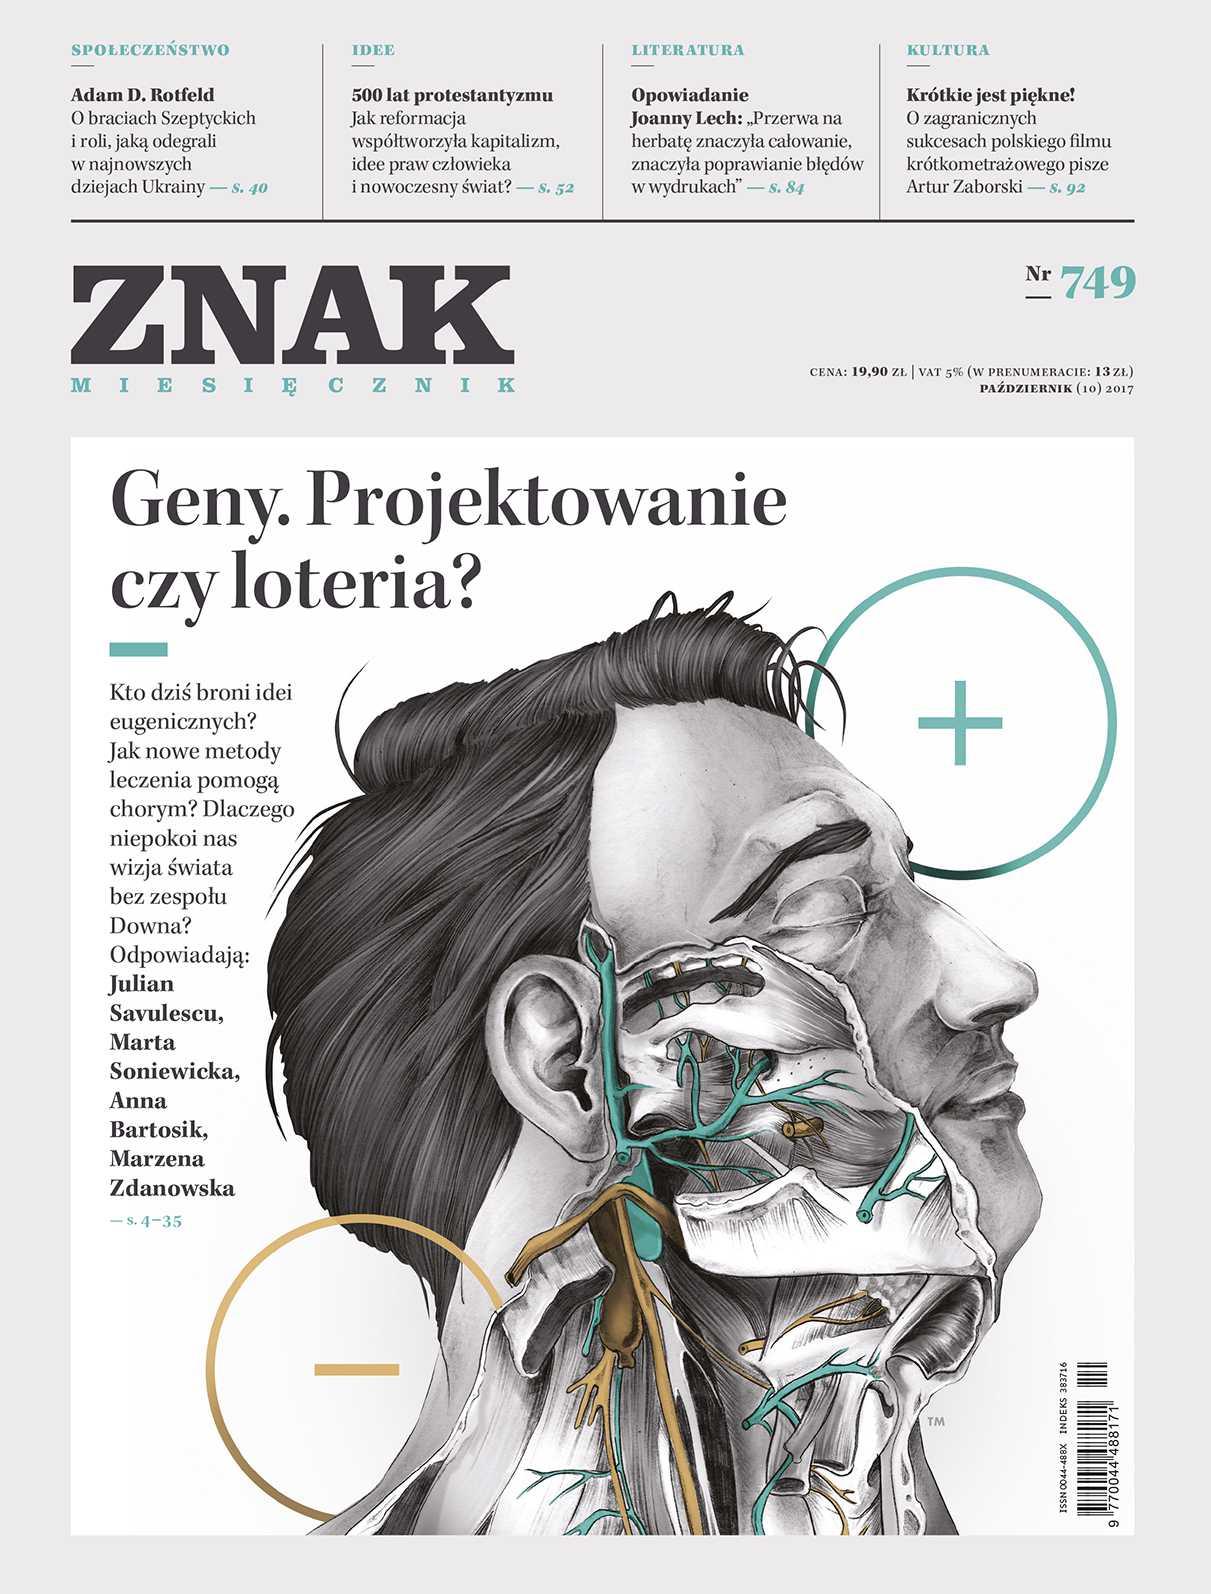 Miesięcznik Znak nr 749 Geny. Projektowanie czy loteria? - Ebook (Książka EPUB) do pobrania w formacie EPUB